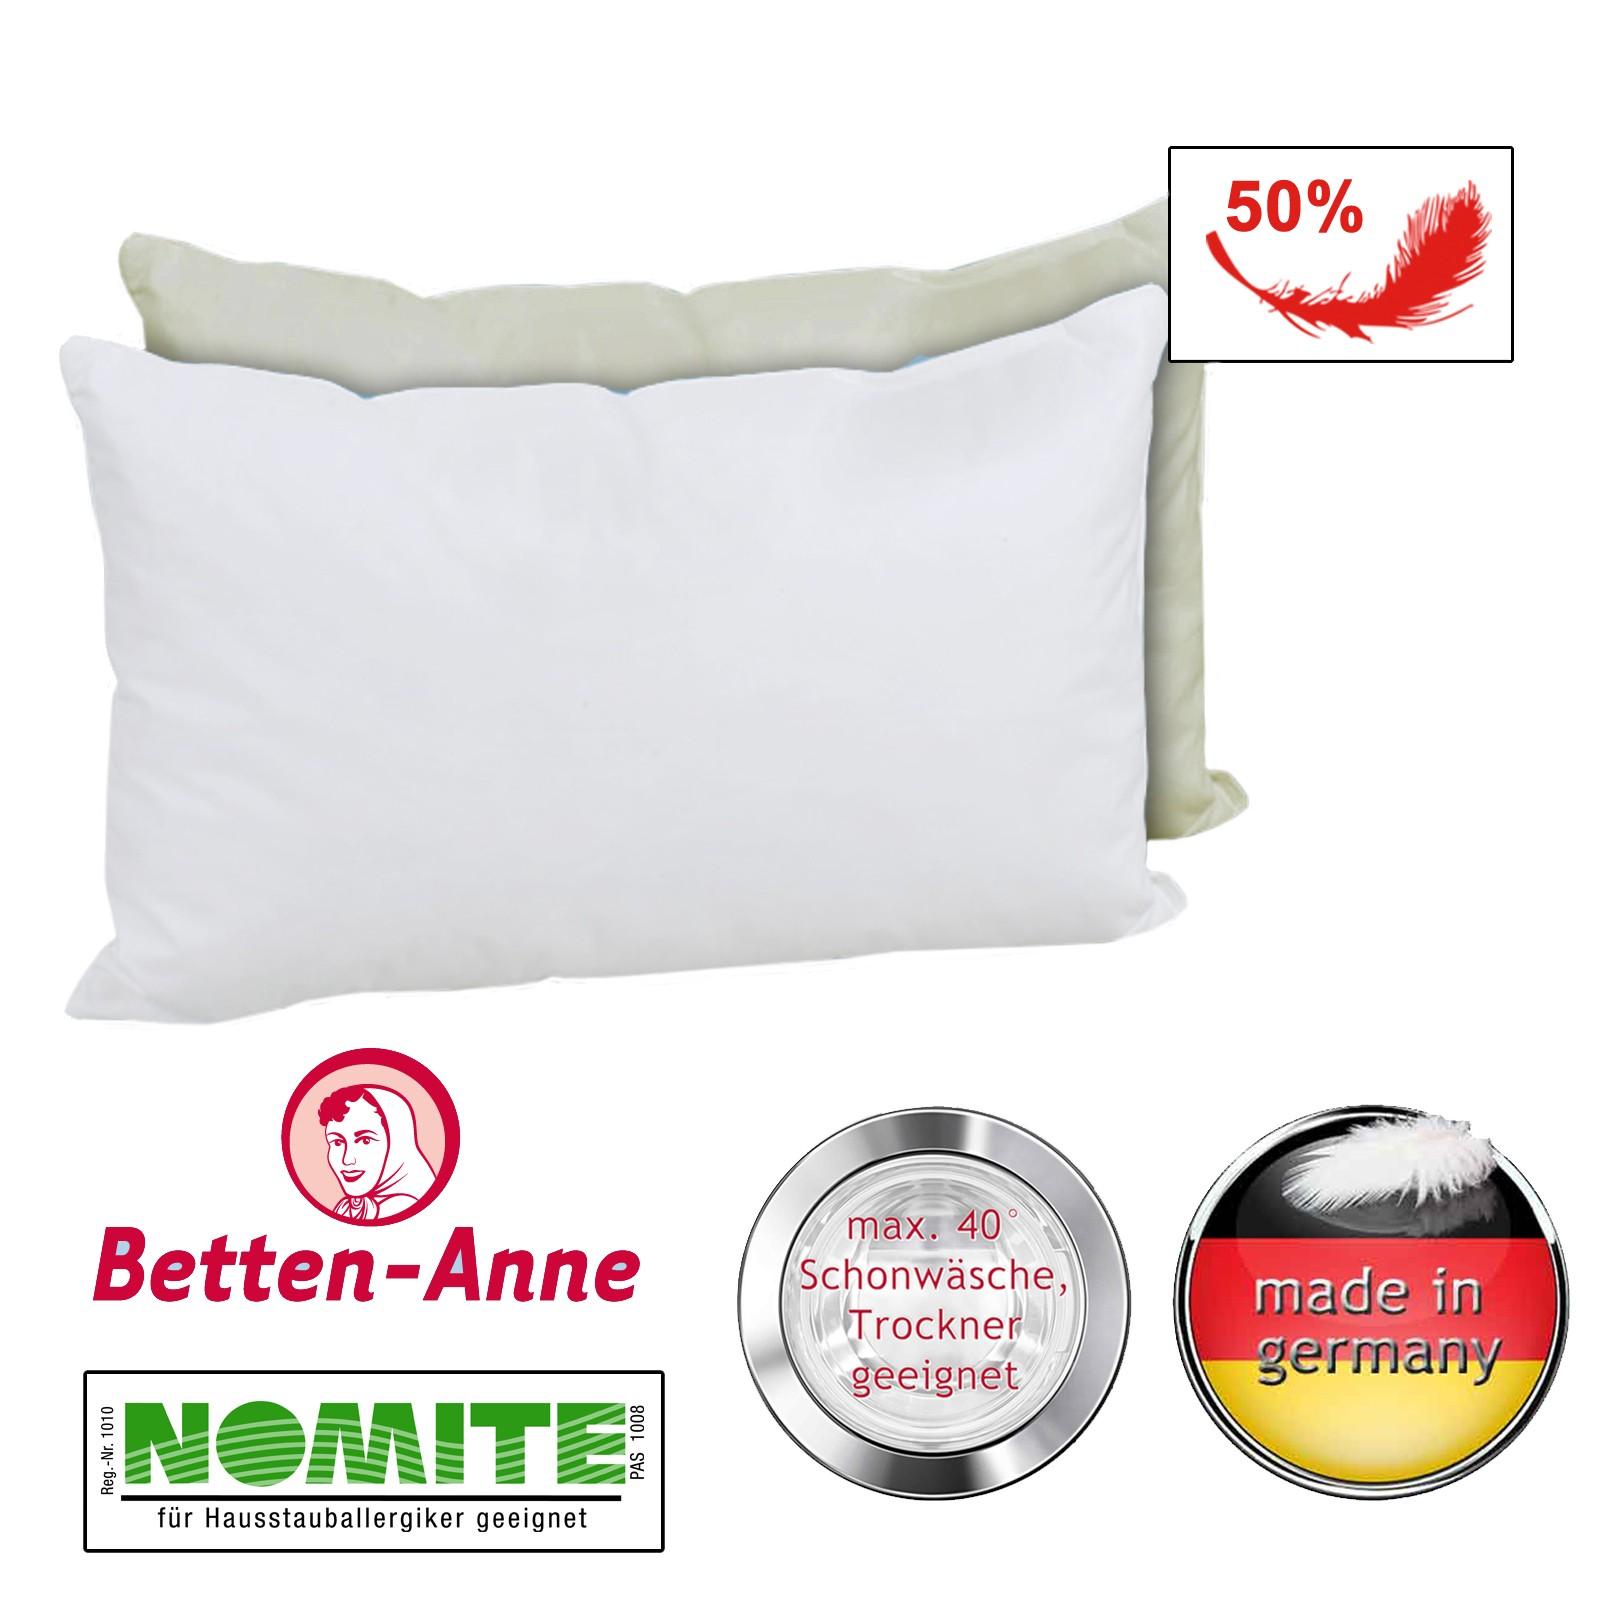 Daunenkopfkissen 40x80 in weiß und creme mit 50% Daunen und 50% Fdern gefüllt